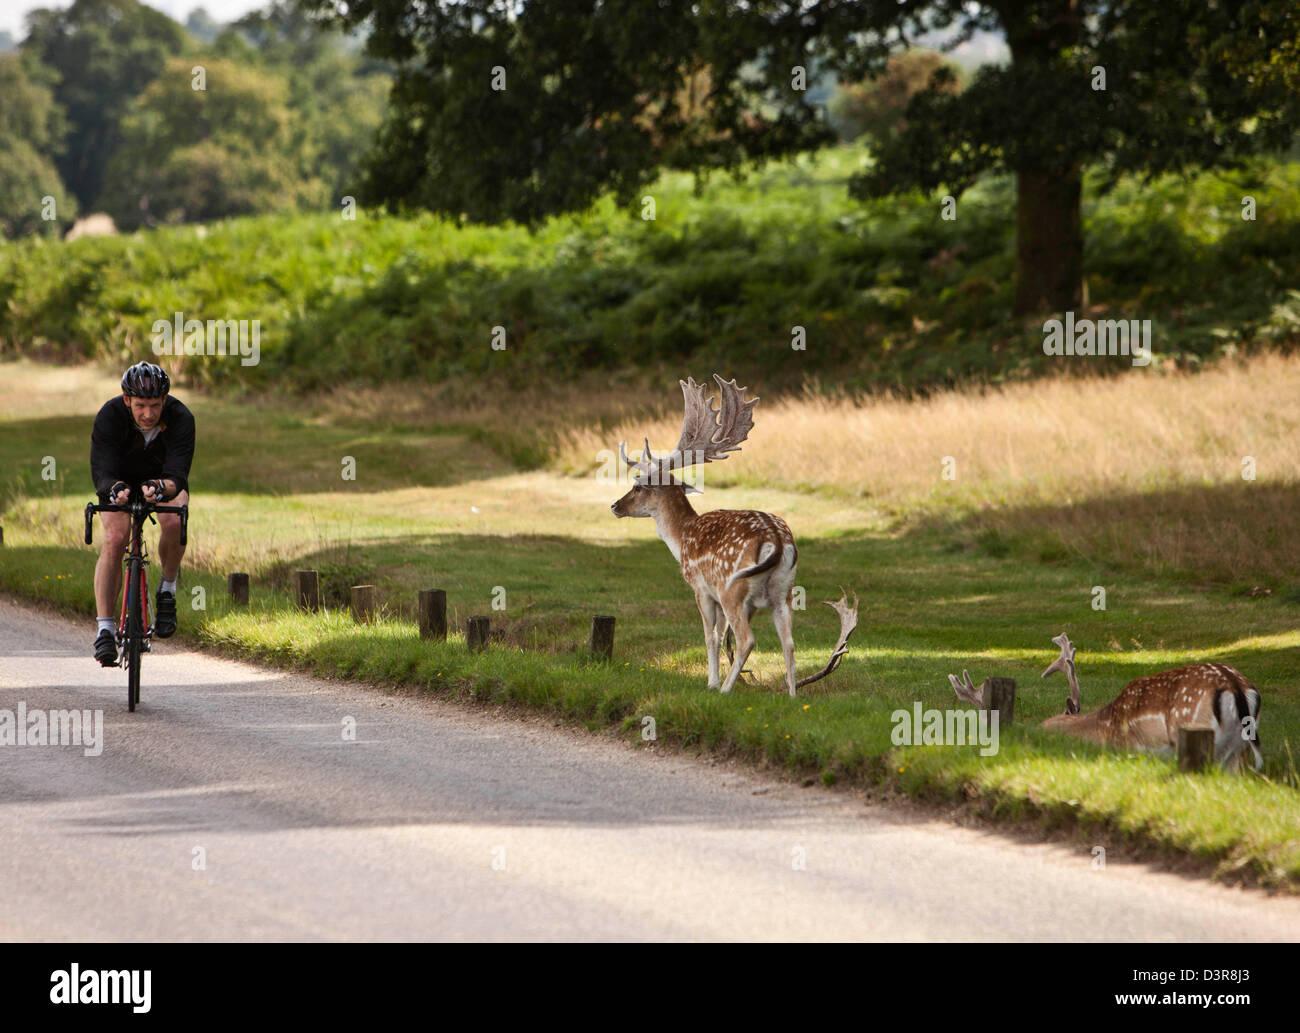 Ciclista en Richmond Park, con ciervos, Londres, Inglaterra, Reino Unido. Imagen De Stock